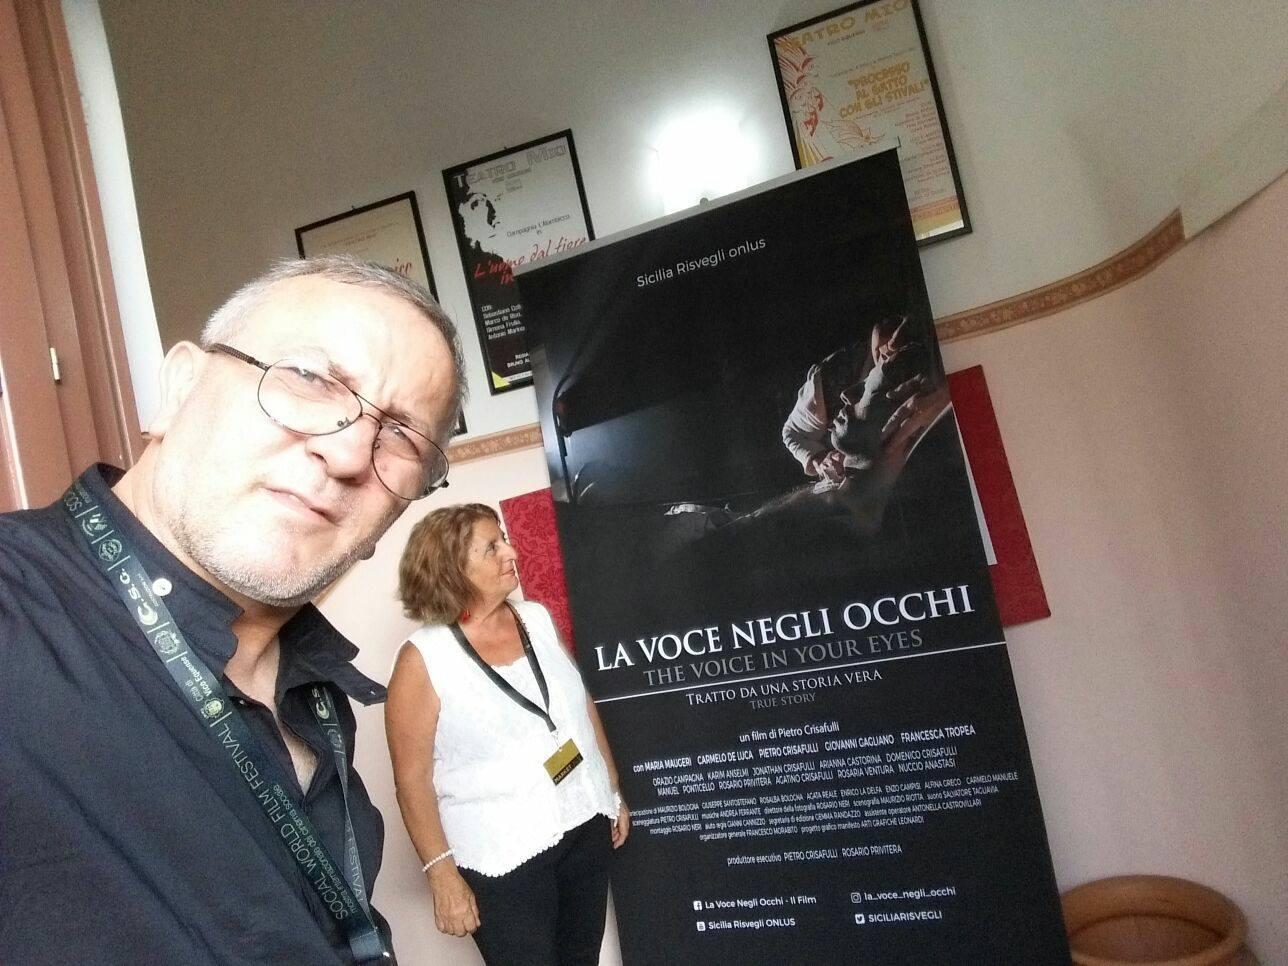 LA VOCE NEGLI OCCHI FILM